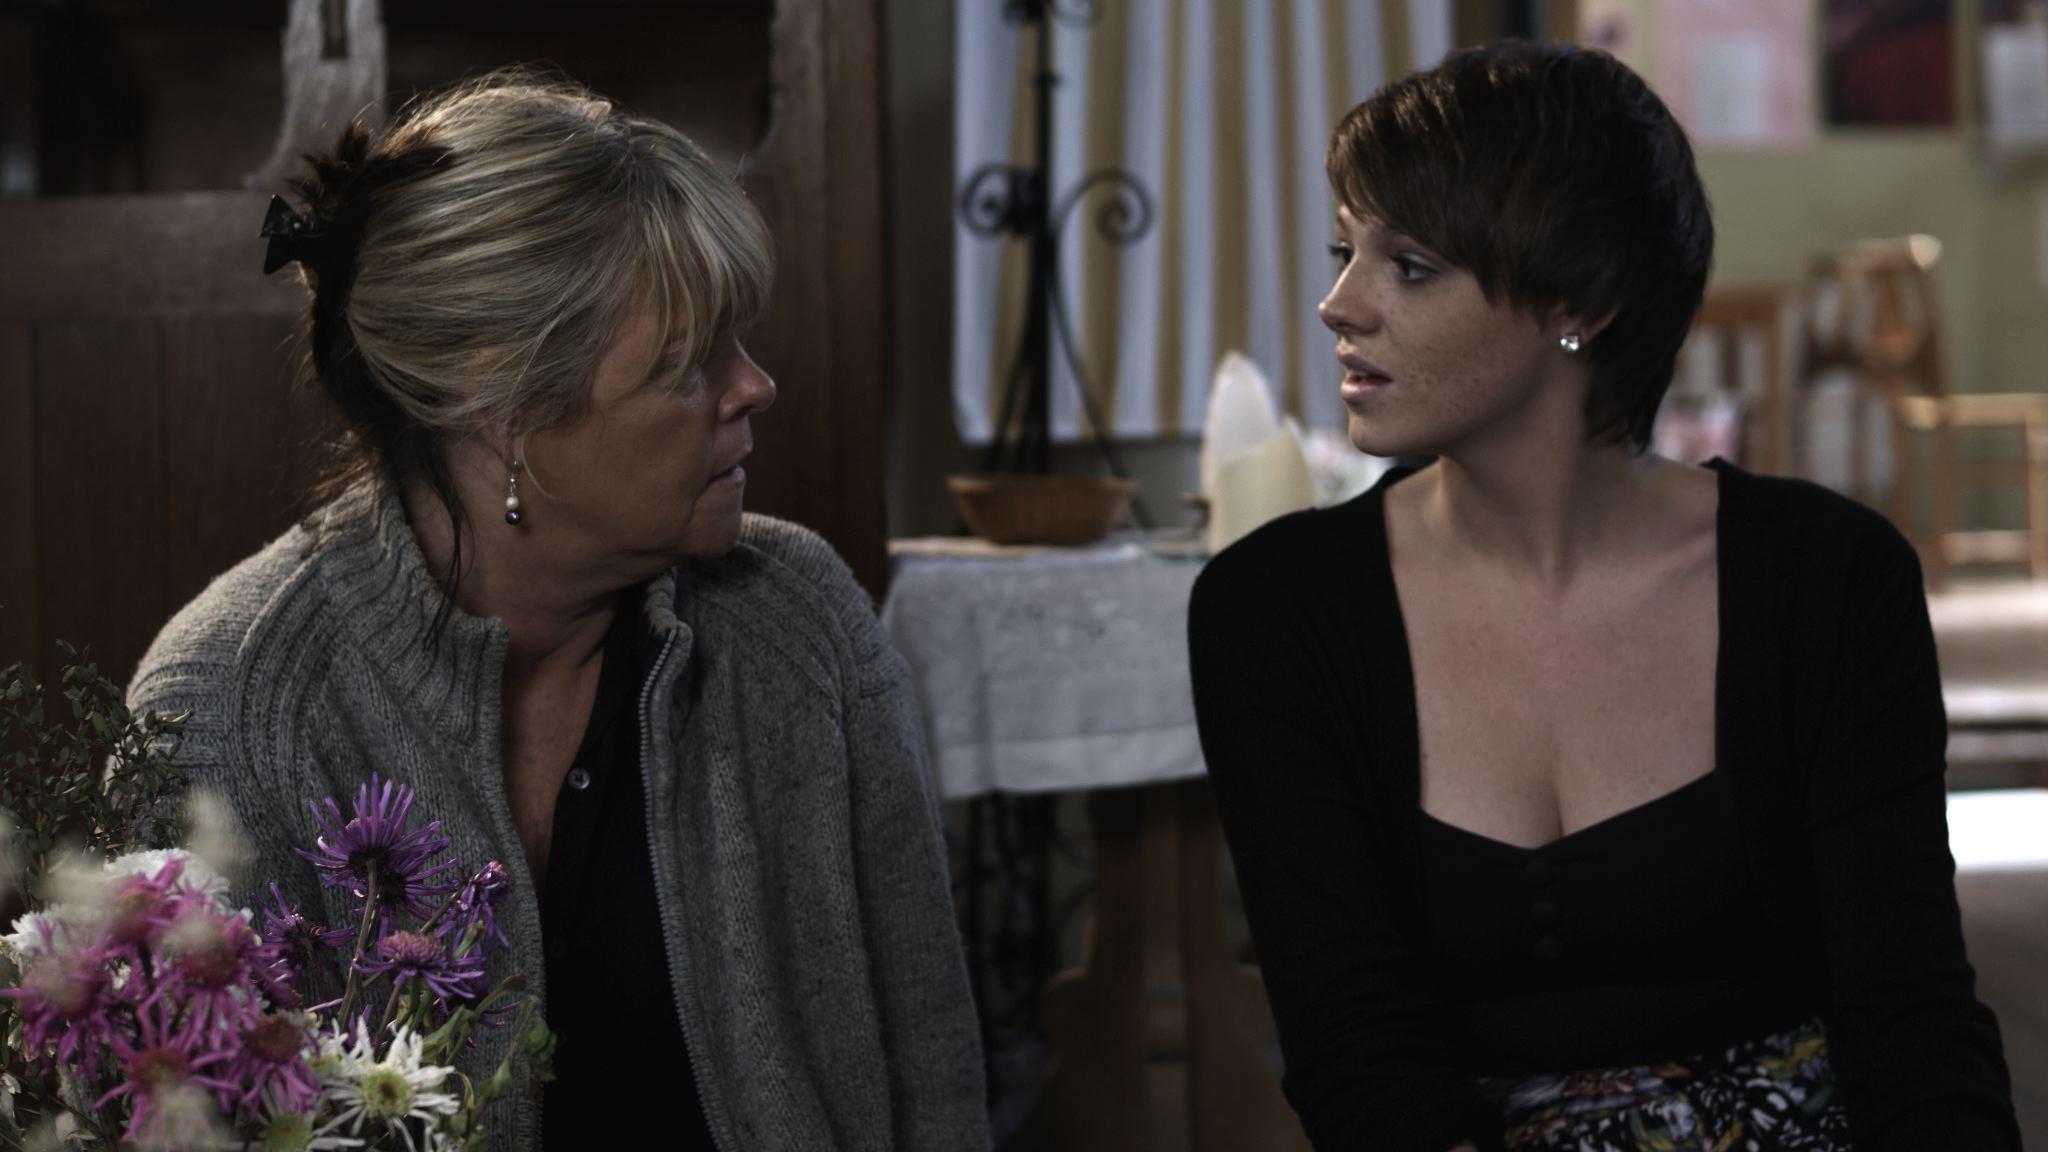 Linda Robson and Shana Swash in deep character